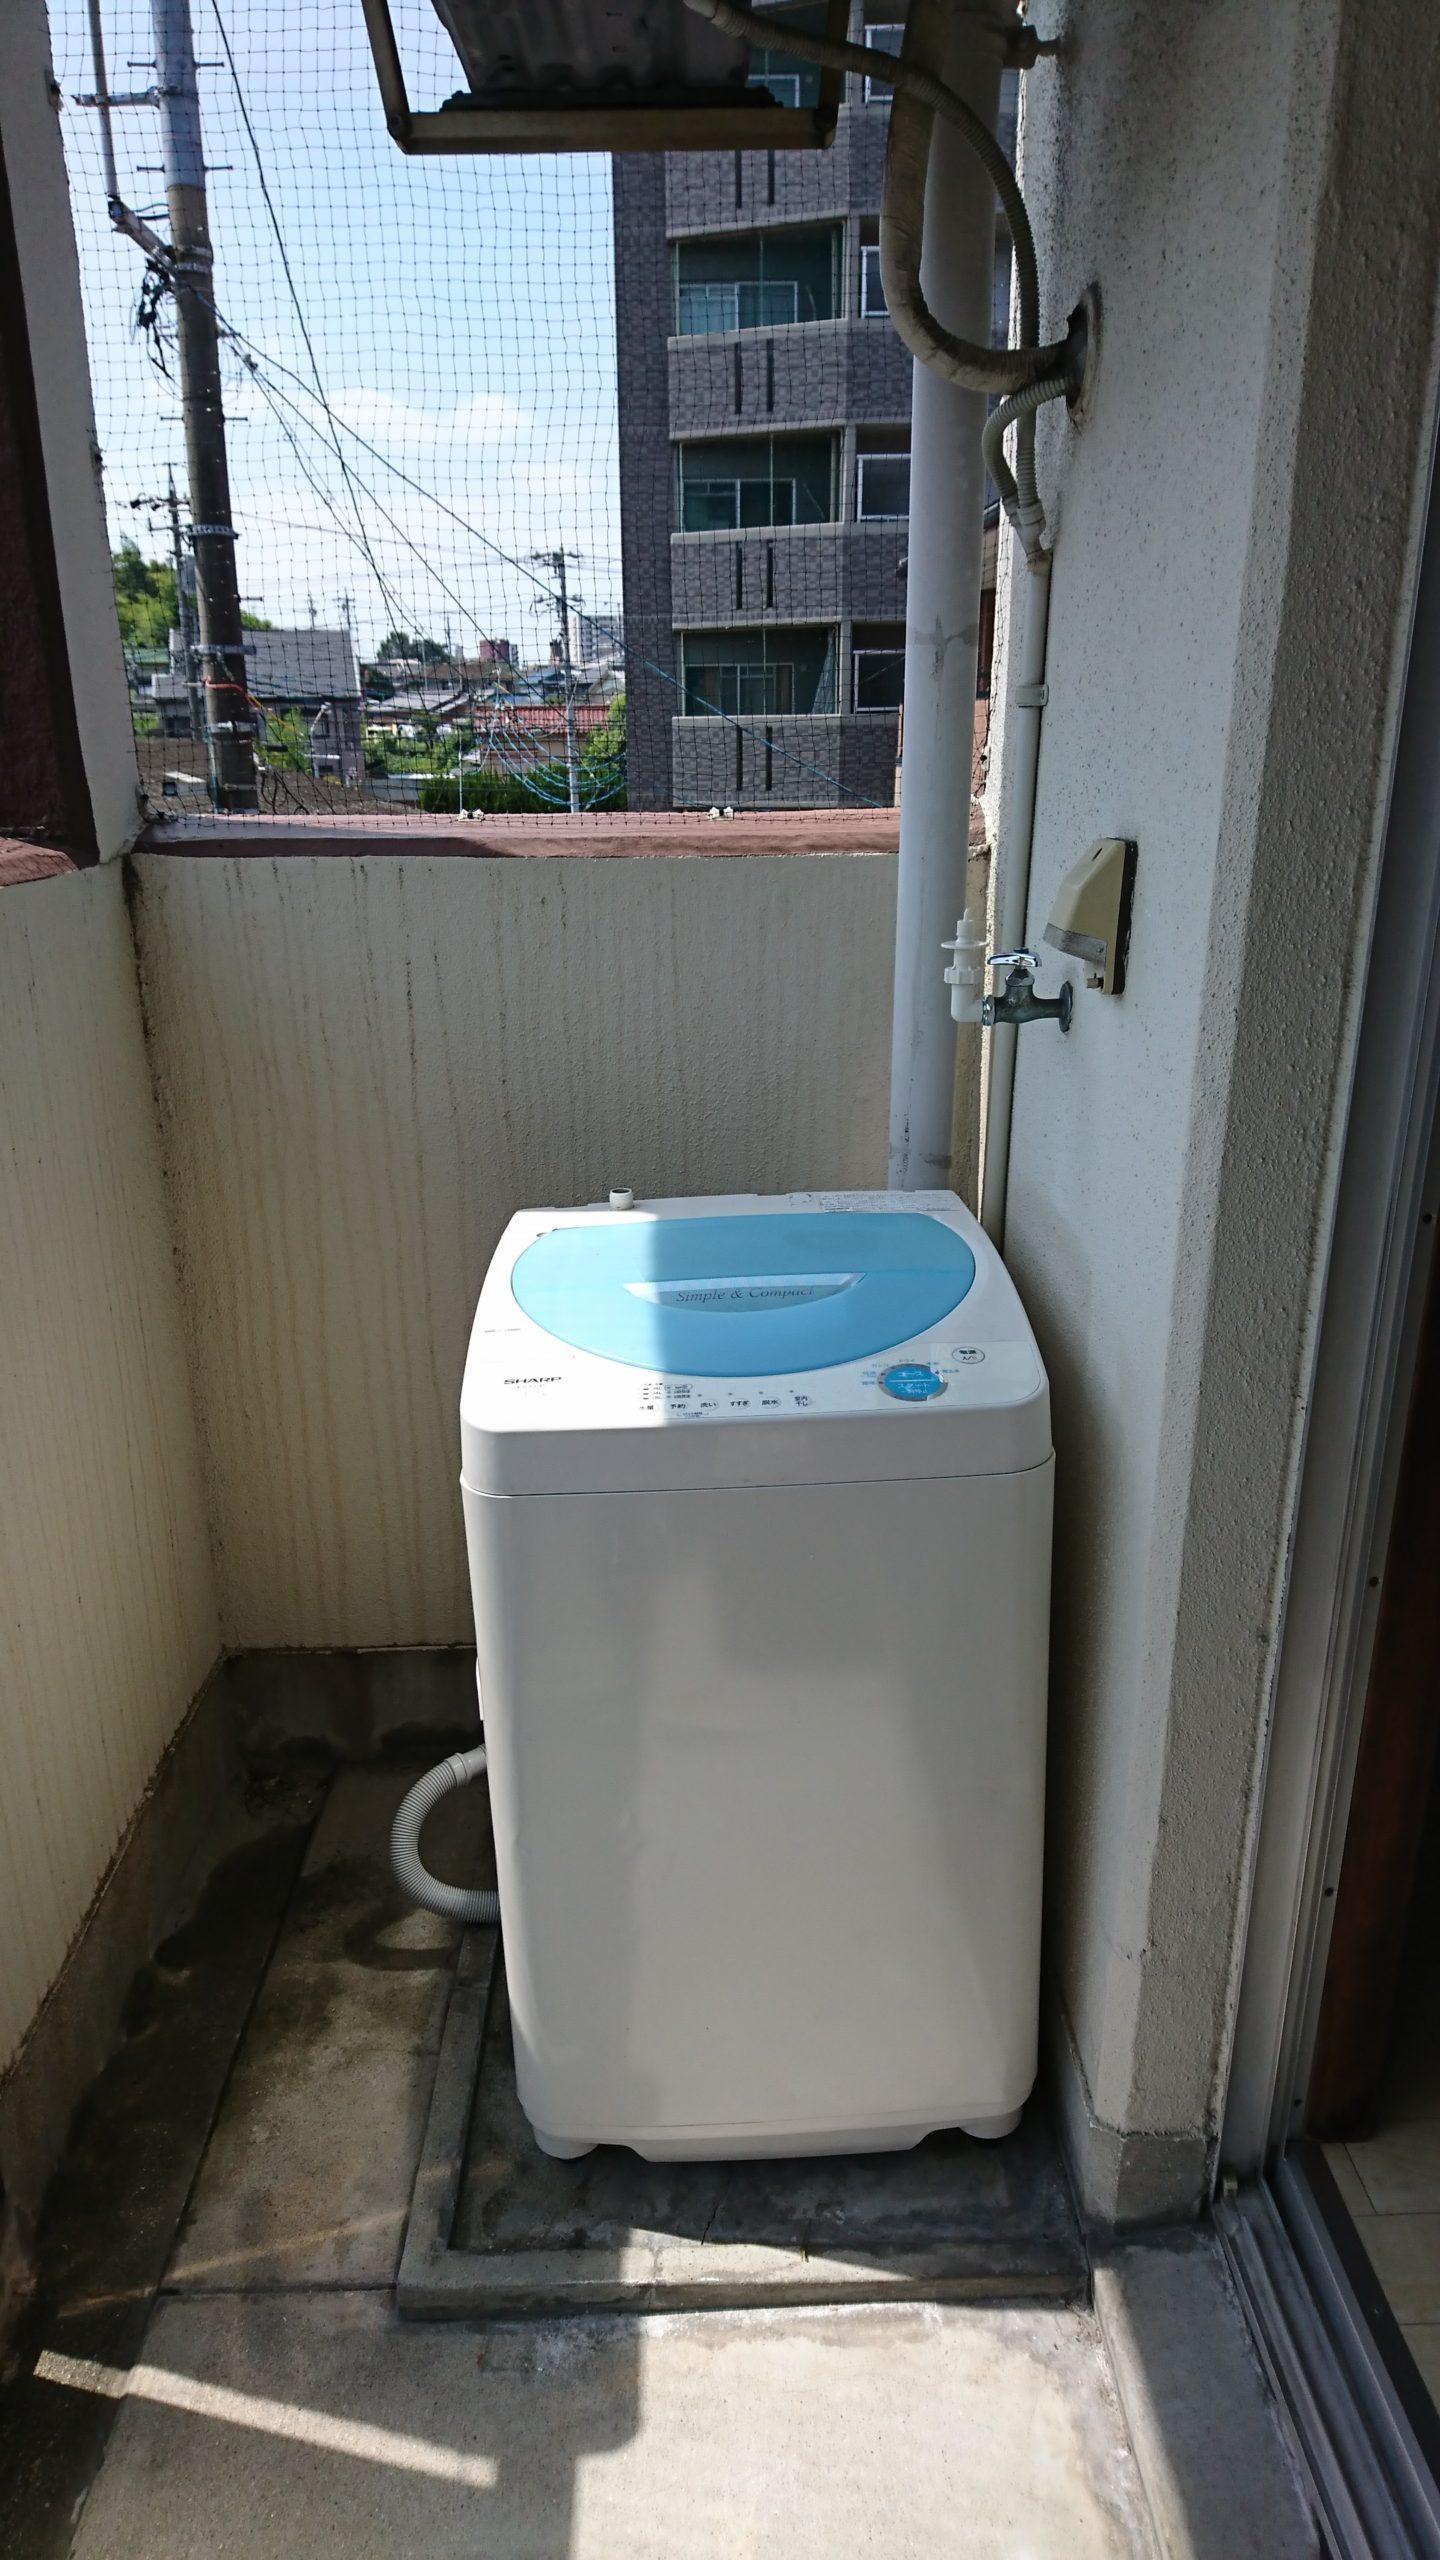 【愛知県名古屋市中村区】洗濯機の出張回収